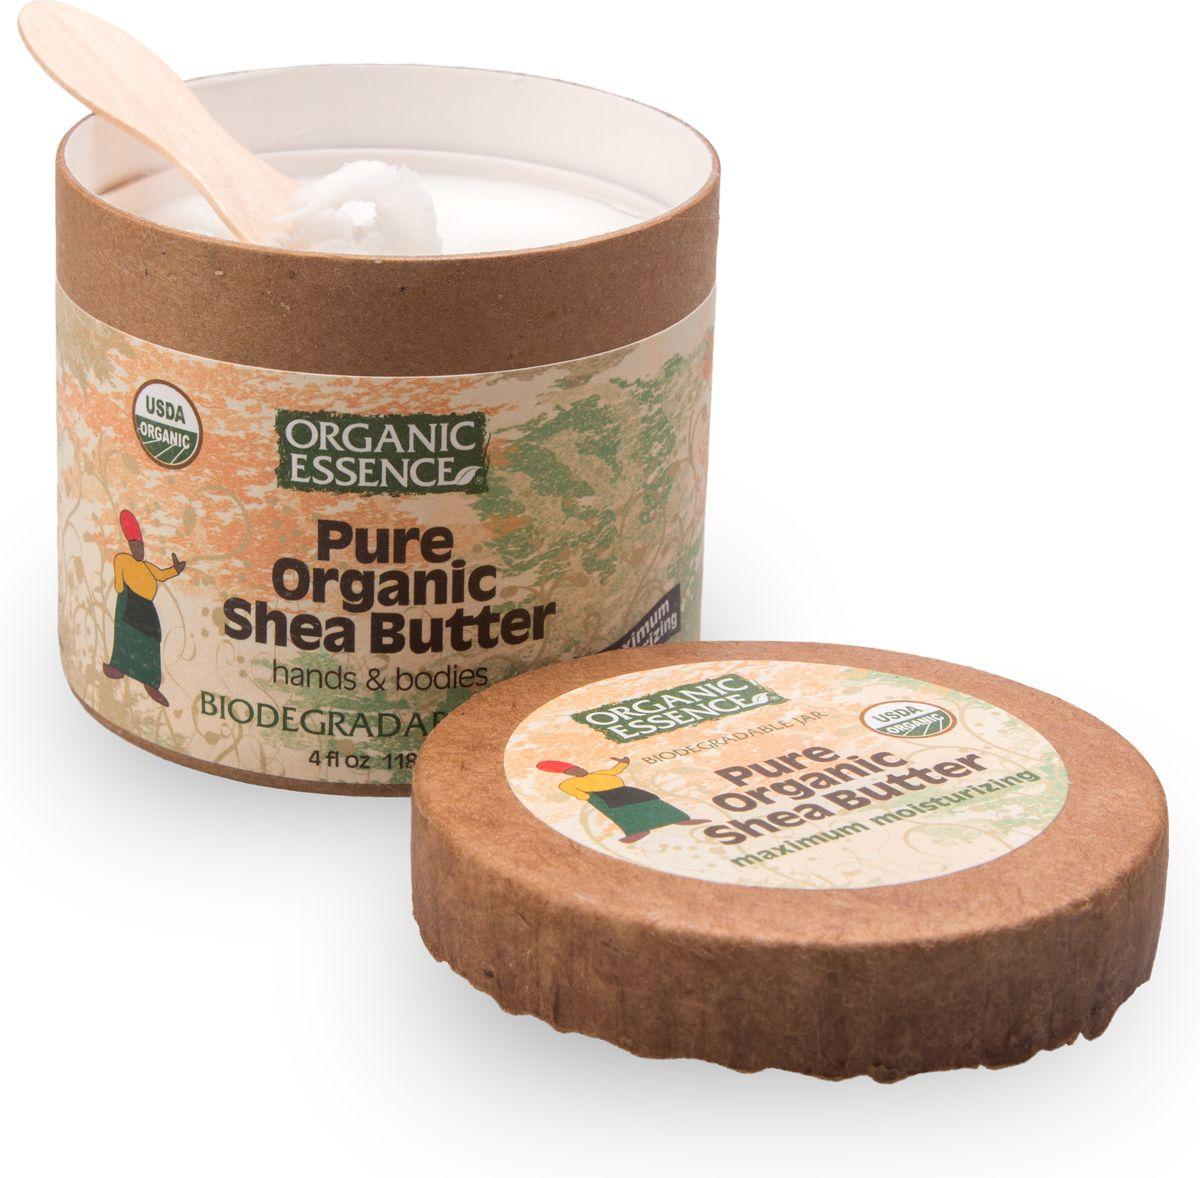 Organic Essence Чистое (100%) органическое масло Ши 114 г/118 млFS-00897100% органическое масло Ши произведено методом естественного холодного отжима из африканских орехов дерева Карите. Масло Ши улучшает капиллярное кровообращение, является превосходным целителем и омолаживающим средством для проблемной, сухой или возрастной кожи. 100% органическое масло Ши Organic Essence с естественным ароматом, без каких либо отдушек. Необыкновенная польза продукта достигается за счёт высокого содержания стеариновой и олеиновой жирных кислот. Эти жирные кислоты, увлажняя кожу, помогают сохранить надолго её эластичность. В производстве масла Ши не используются растворители или любые химические вещества, помогая сохранить высокие стандарты чистоты продукта с добавлением знака Baby Safe. USDA Organic сертифицированный продукт.